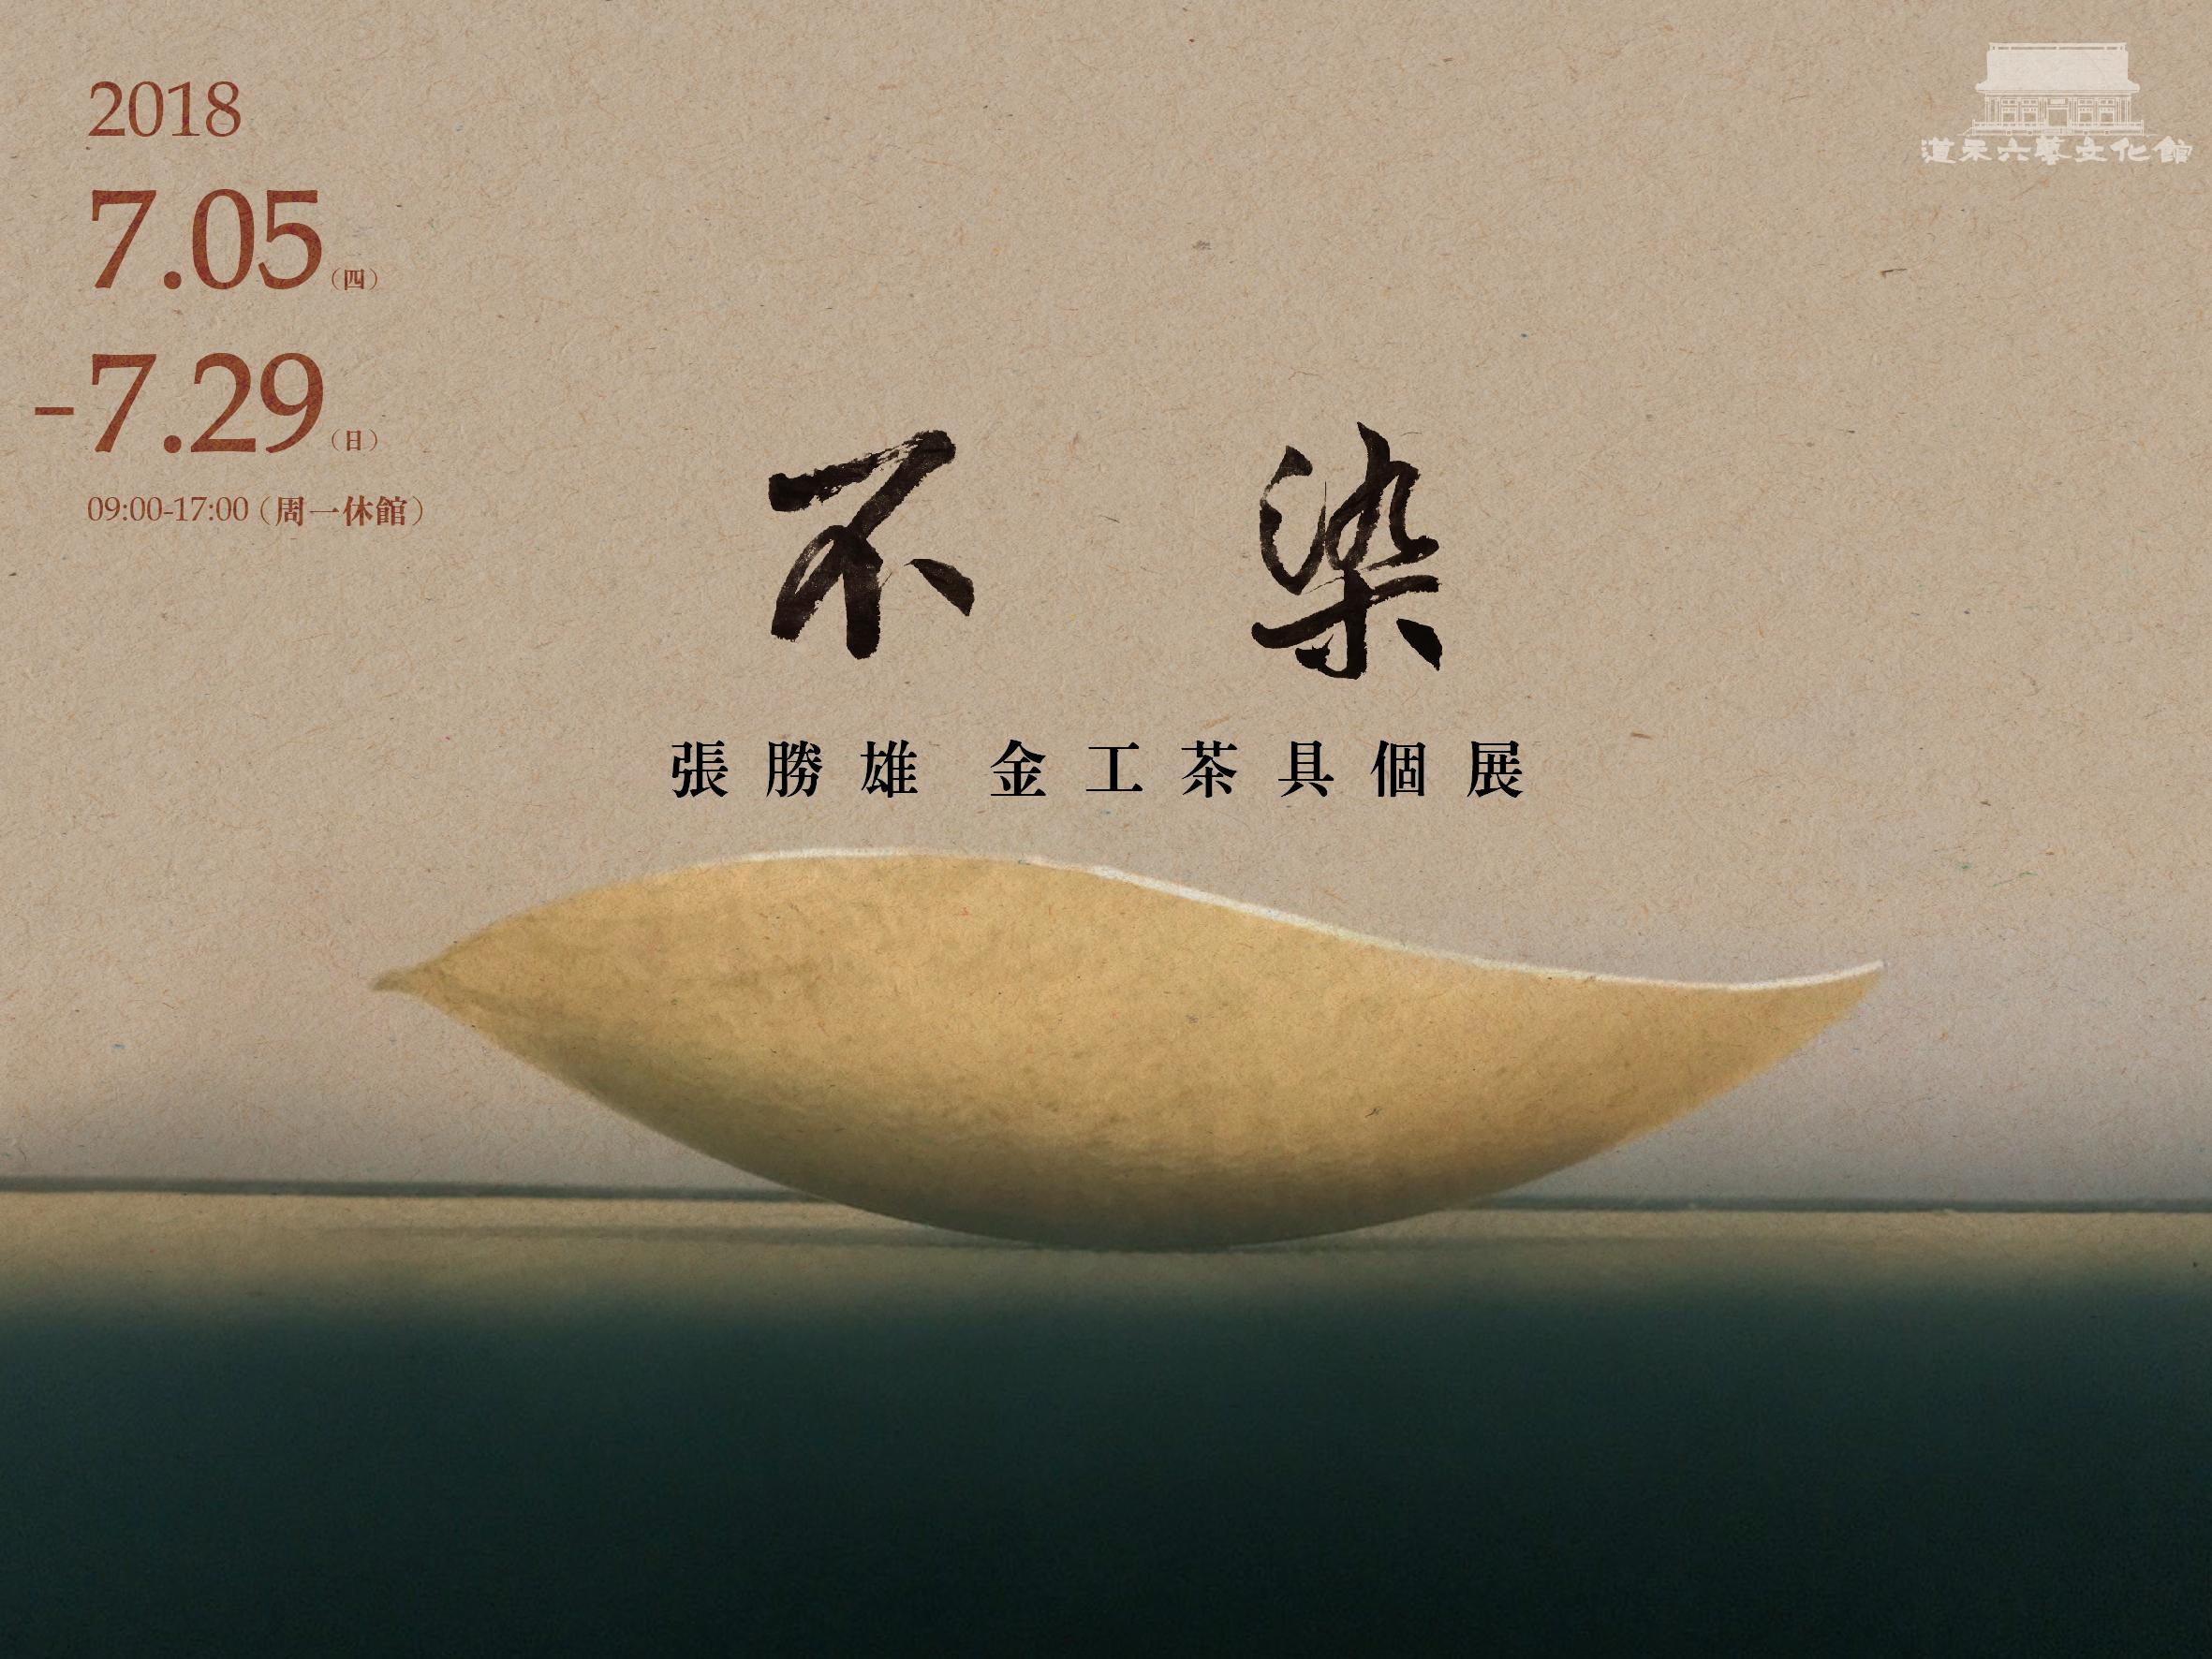 「不染」張勝雄金工茶器個展